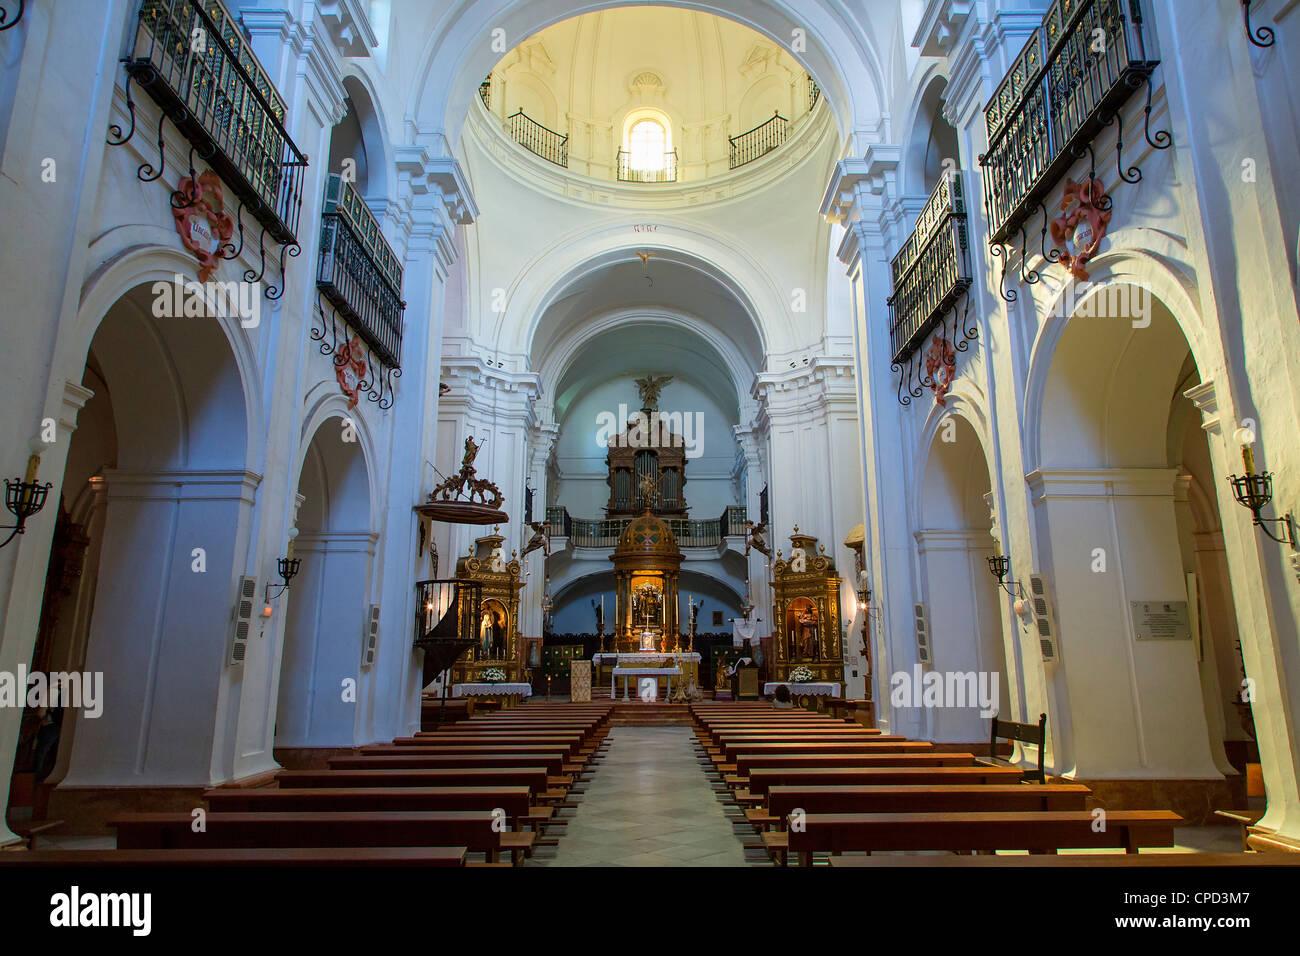 Séville, Iglesia de Santa Cruz (Santa Cruz) Photo Stock